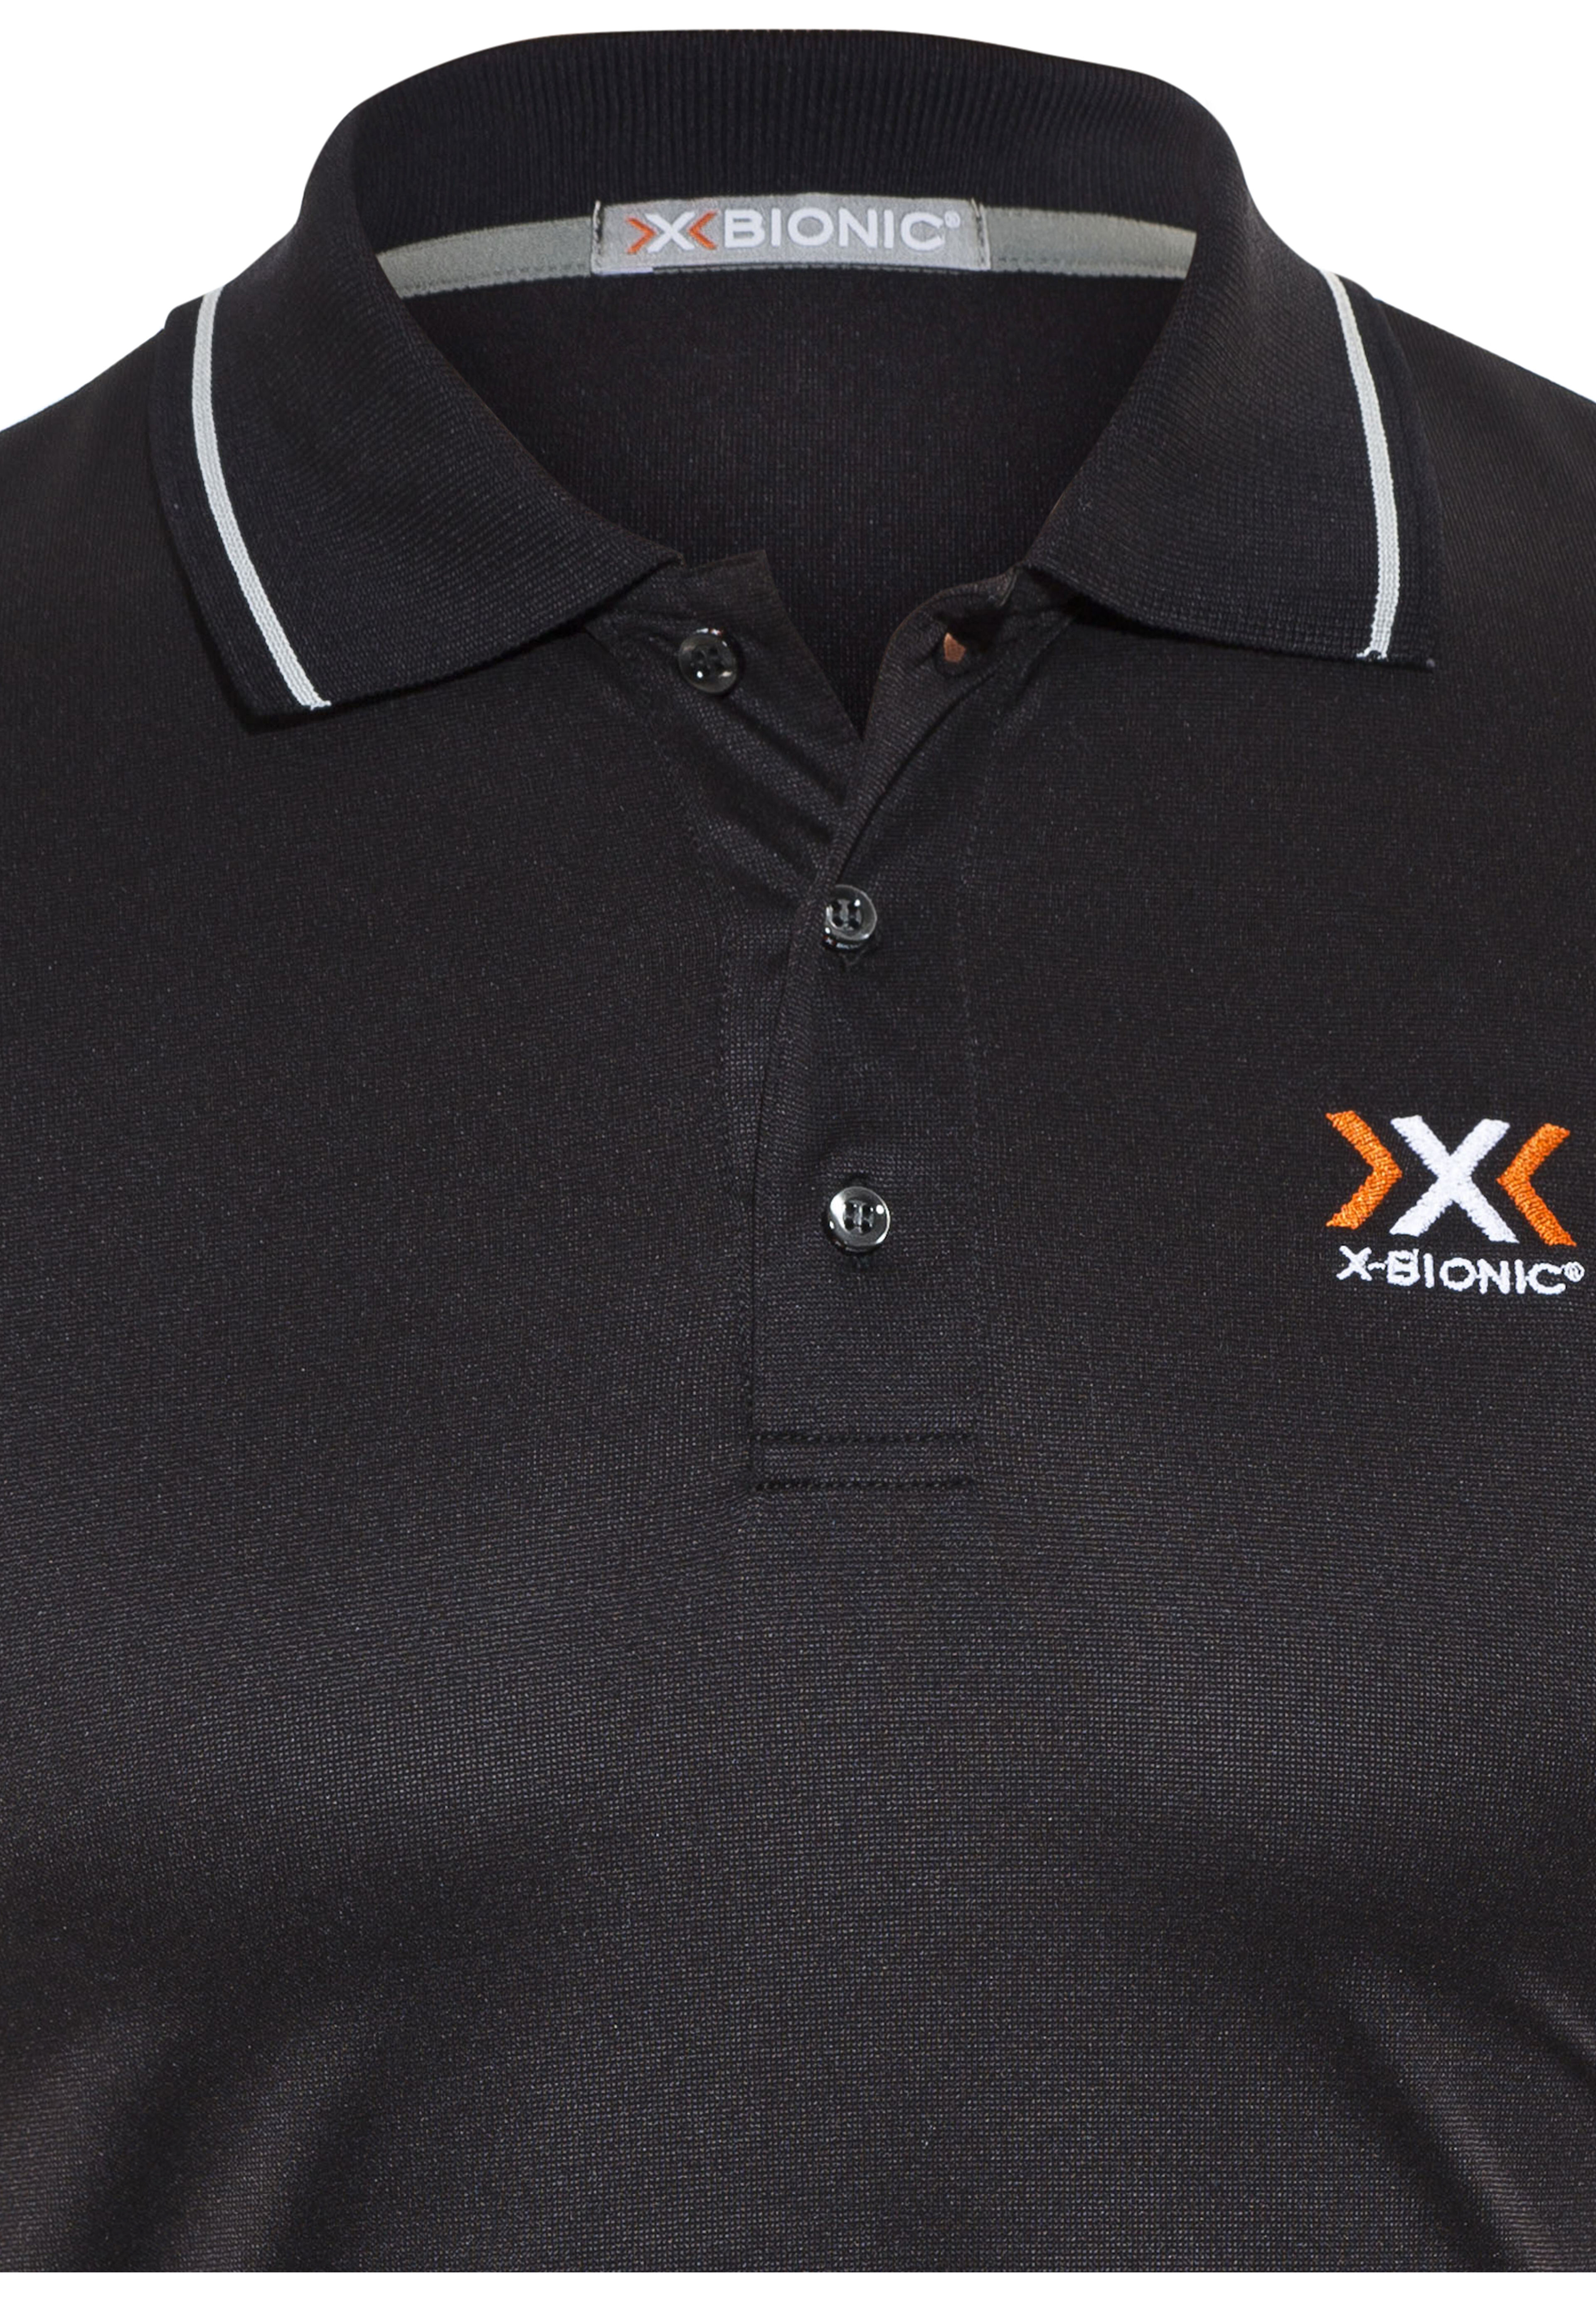 80ca1e860a2 X-Bionic Travel - T-shirt manches courtes Homme - noir sur CAMPZ !